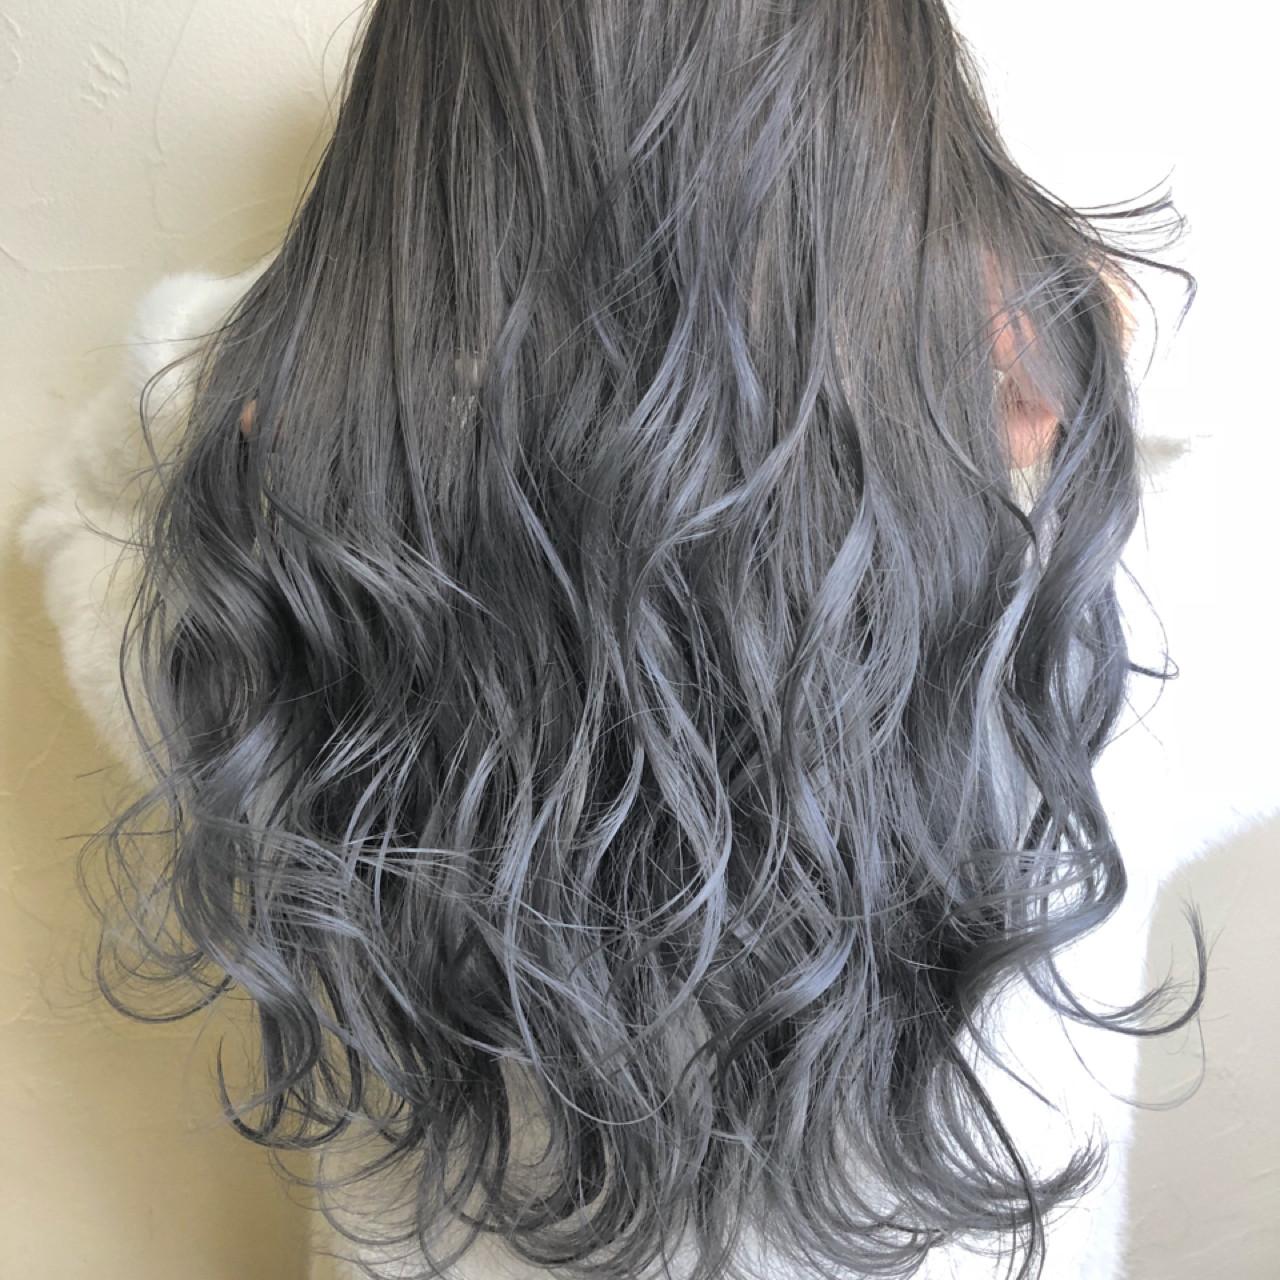 ゆるふわ ウェーブ 上品 エレガント ヘアスタイルや髪型の写真・画像 | 中村 賢人 / b:Ashアメ村 店長